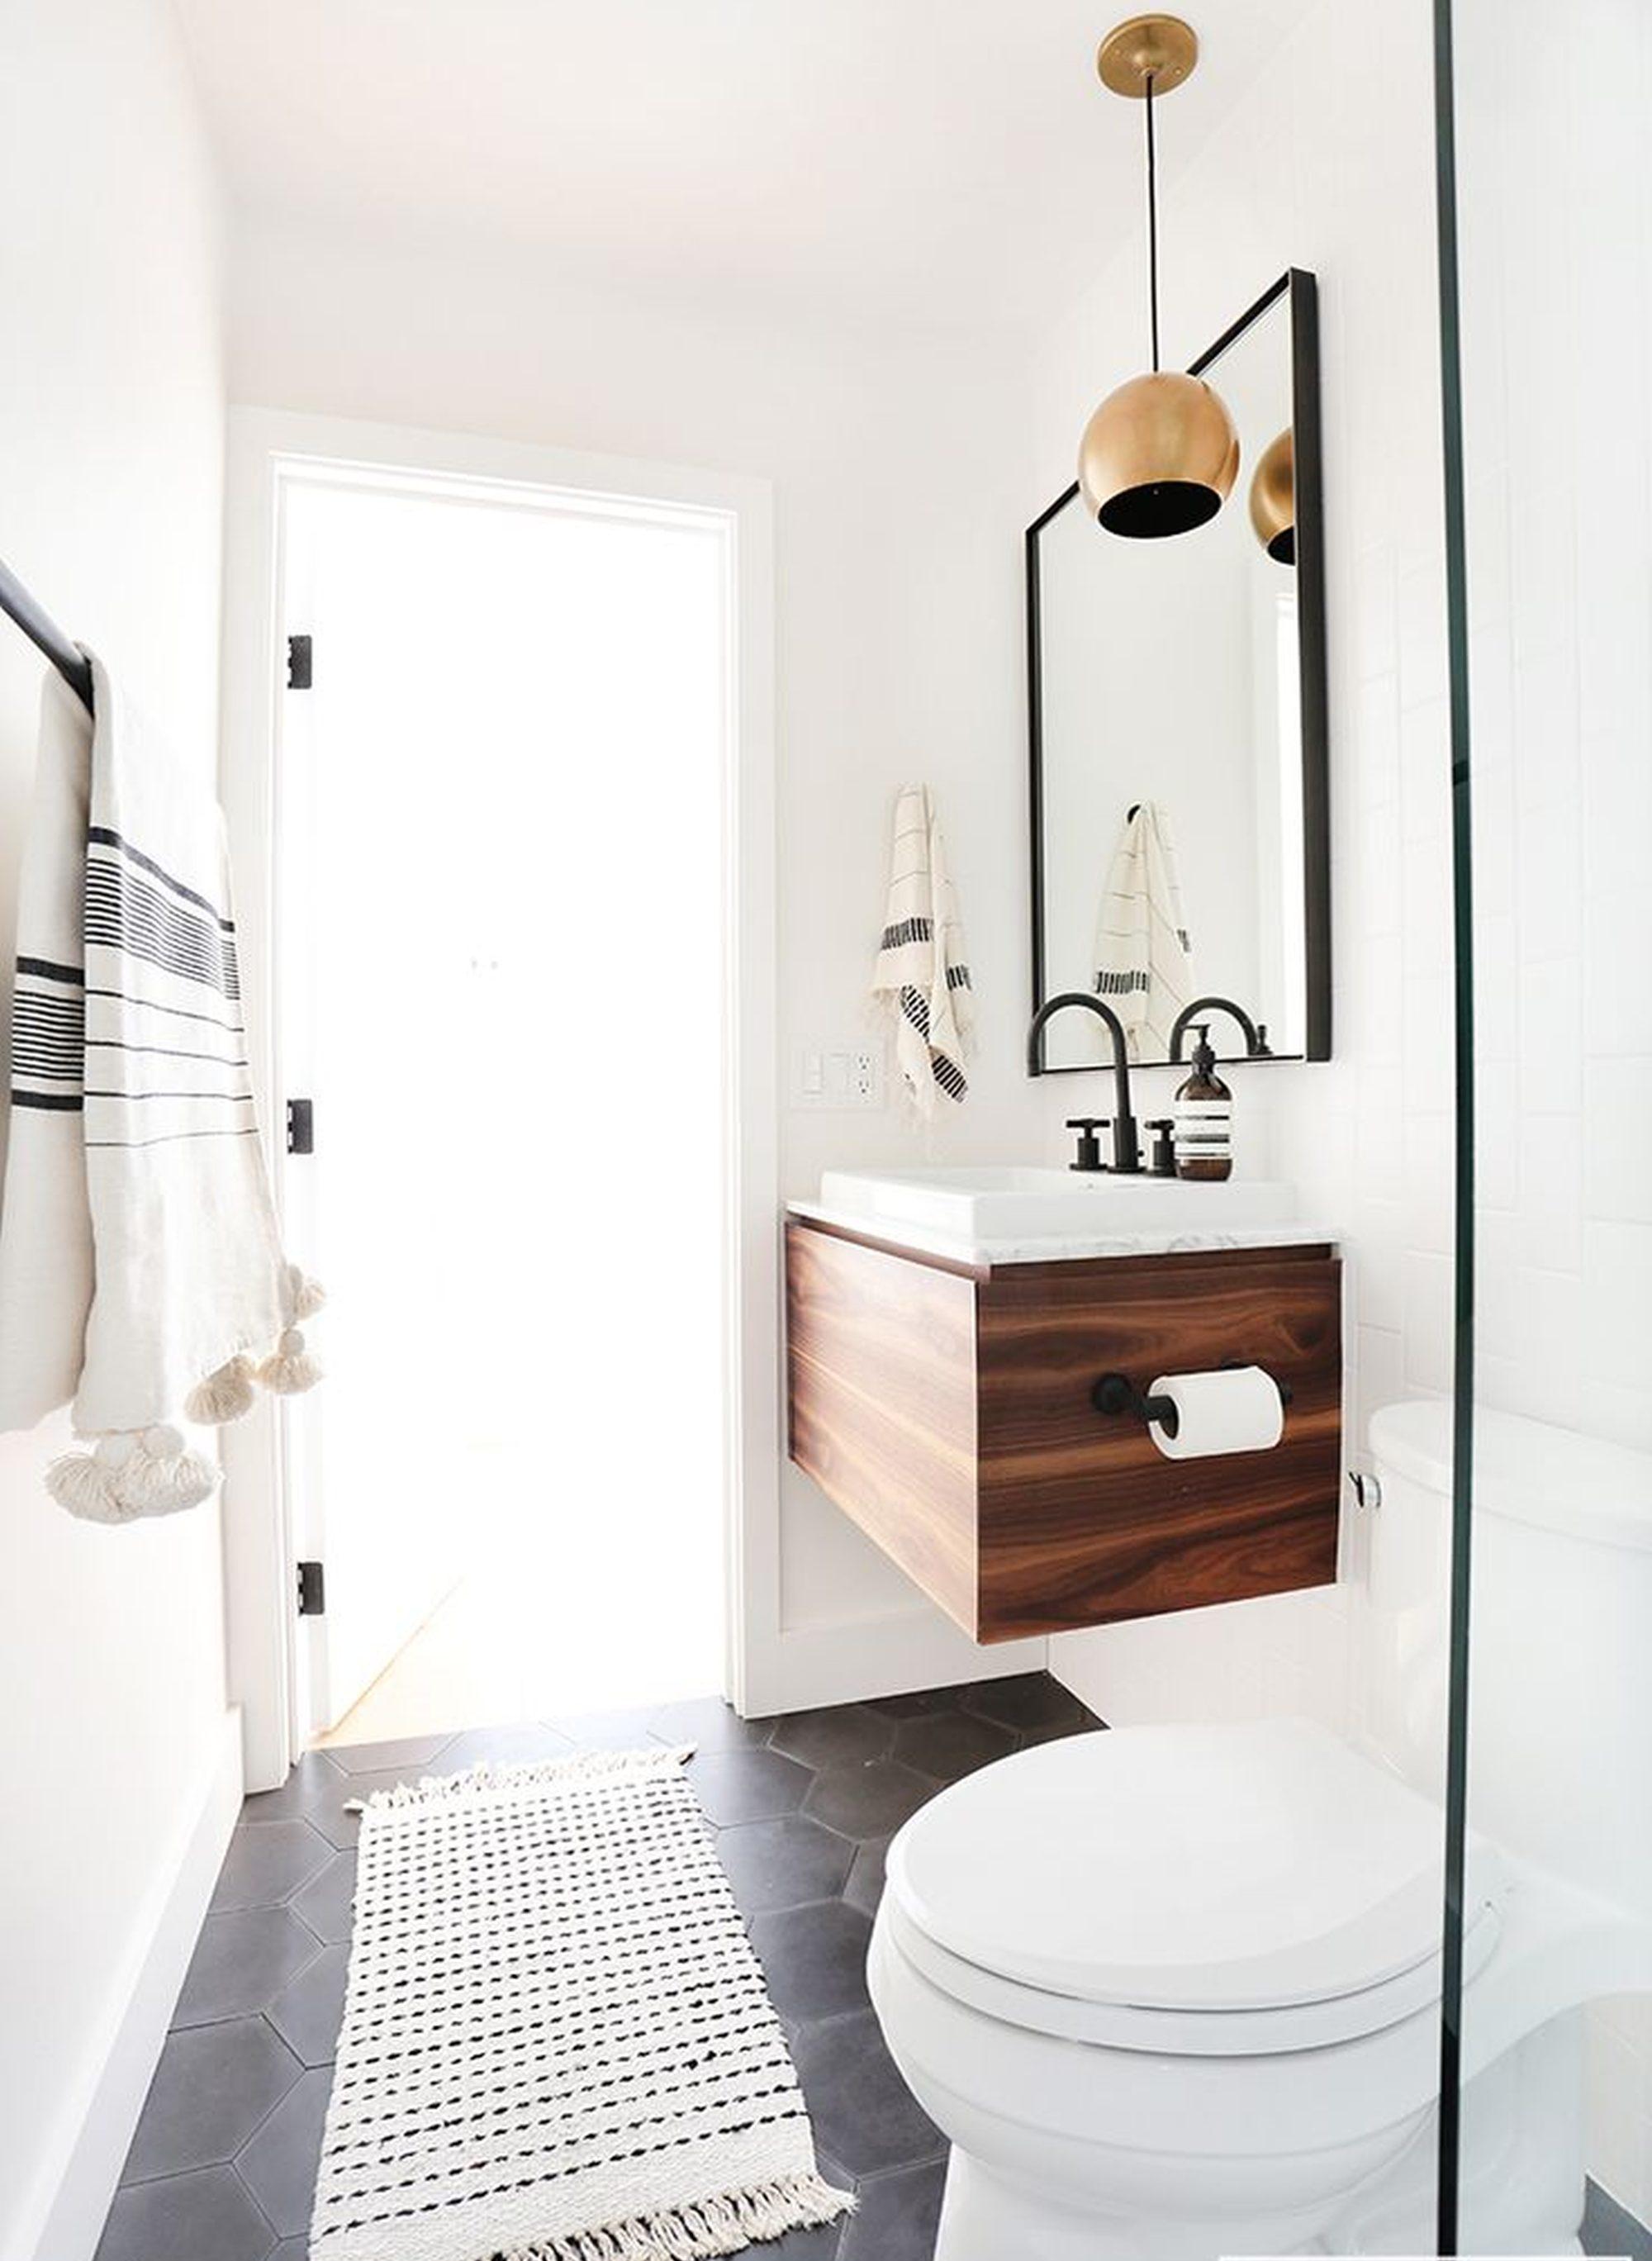 Baño Pequeno Original:grandes ideas para renovar baños pequeños